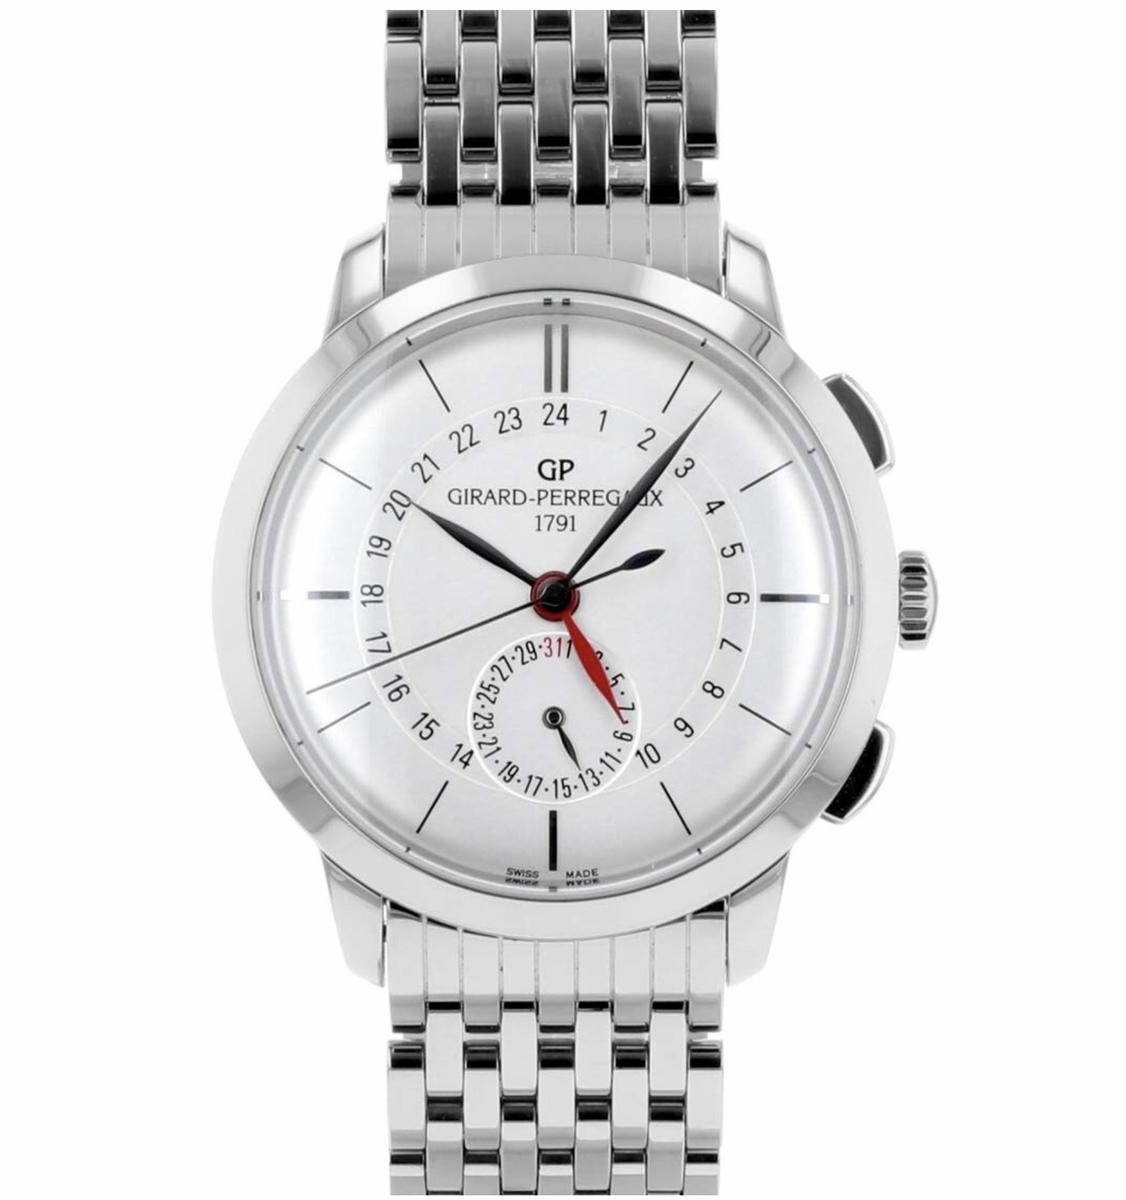 ジラールペルゴの時計紹介画像1